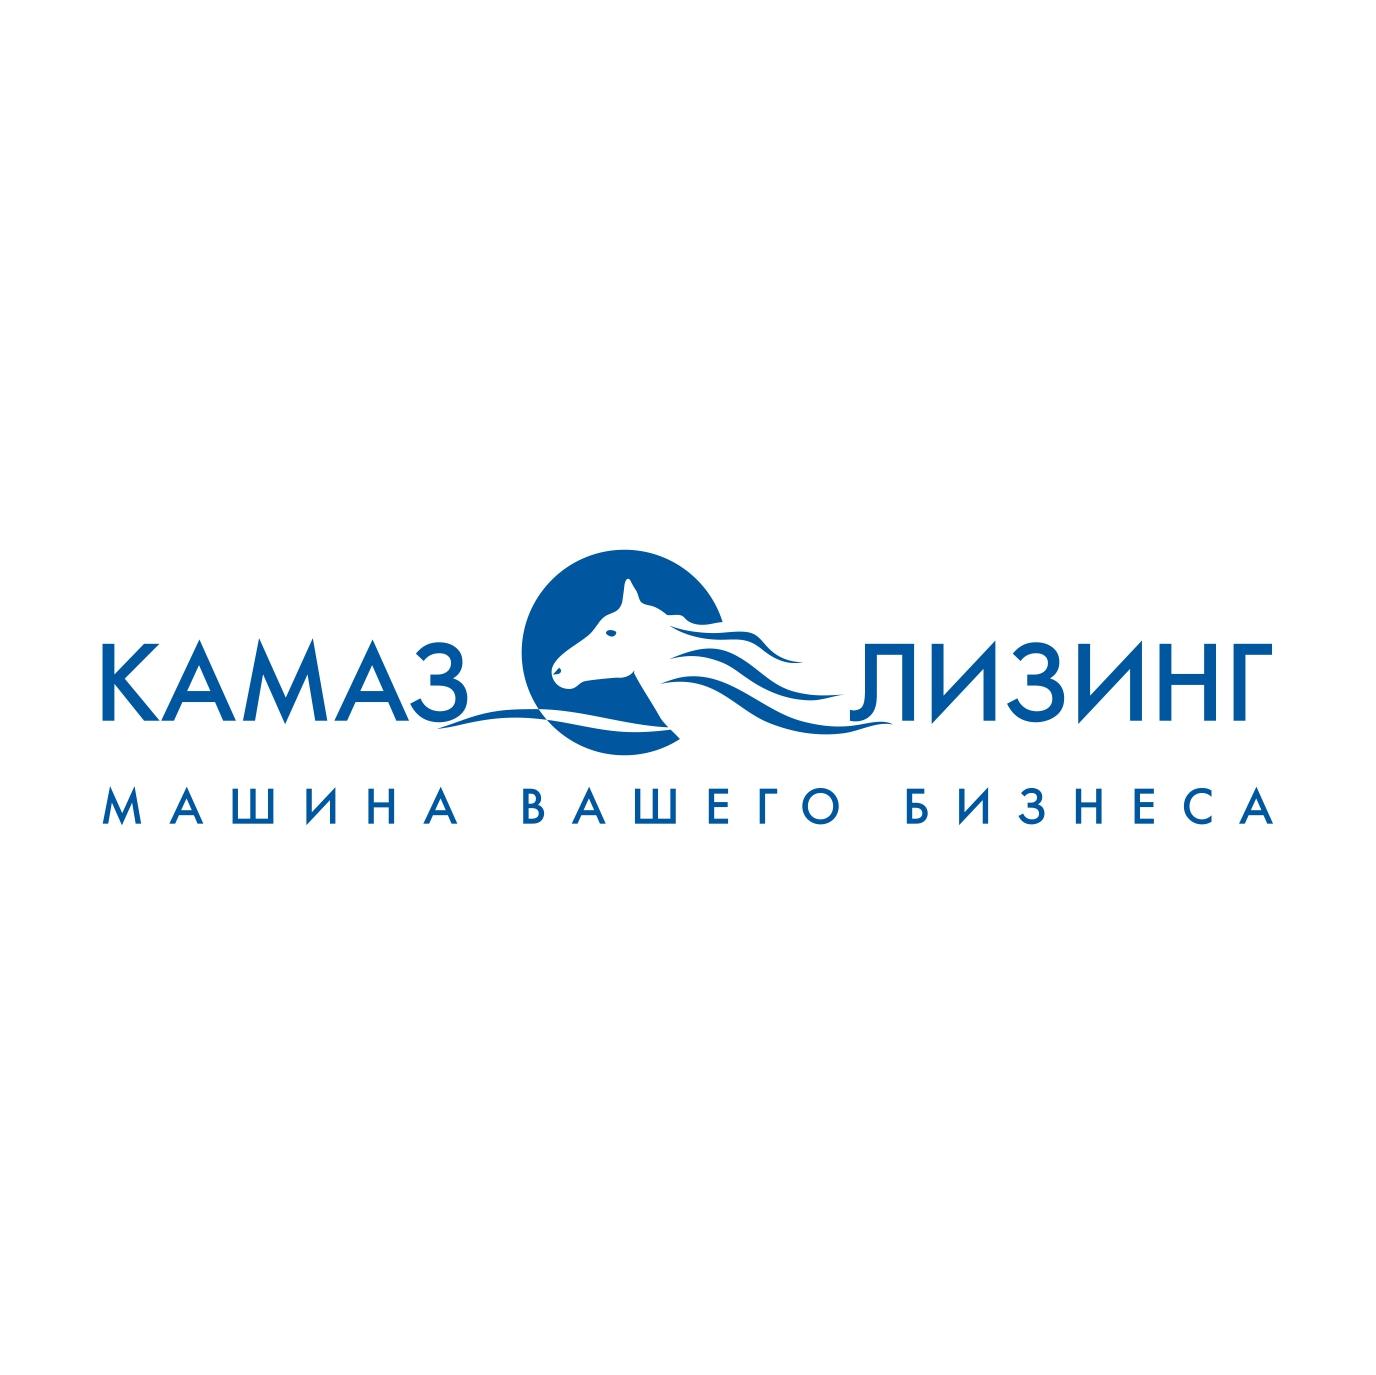 Удобный цифровой ресурс «КАМАЗ-ЛИЗИНГа»